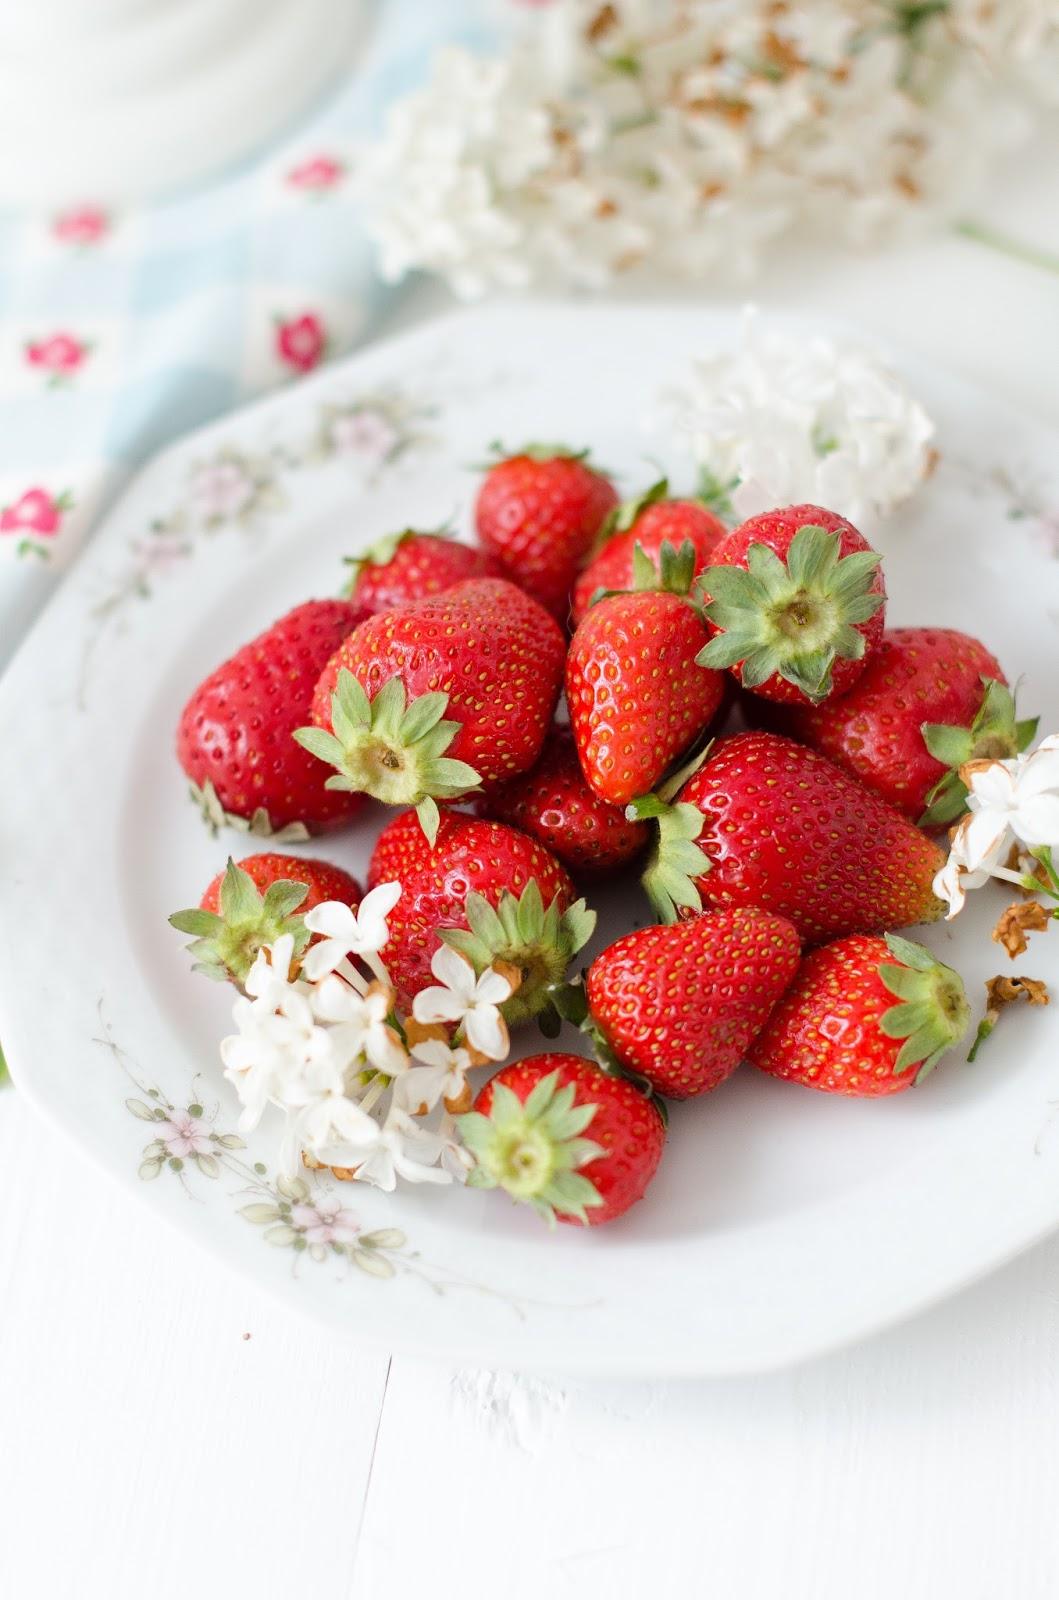 Entremets façon charlotte aux fraises (moule magia del tempo)